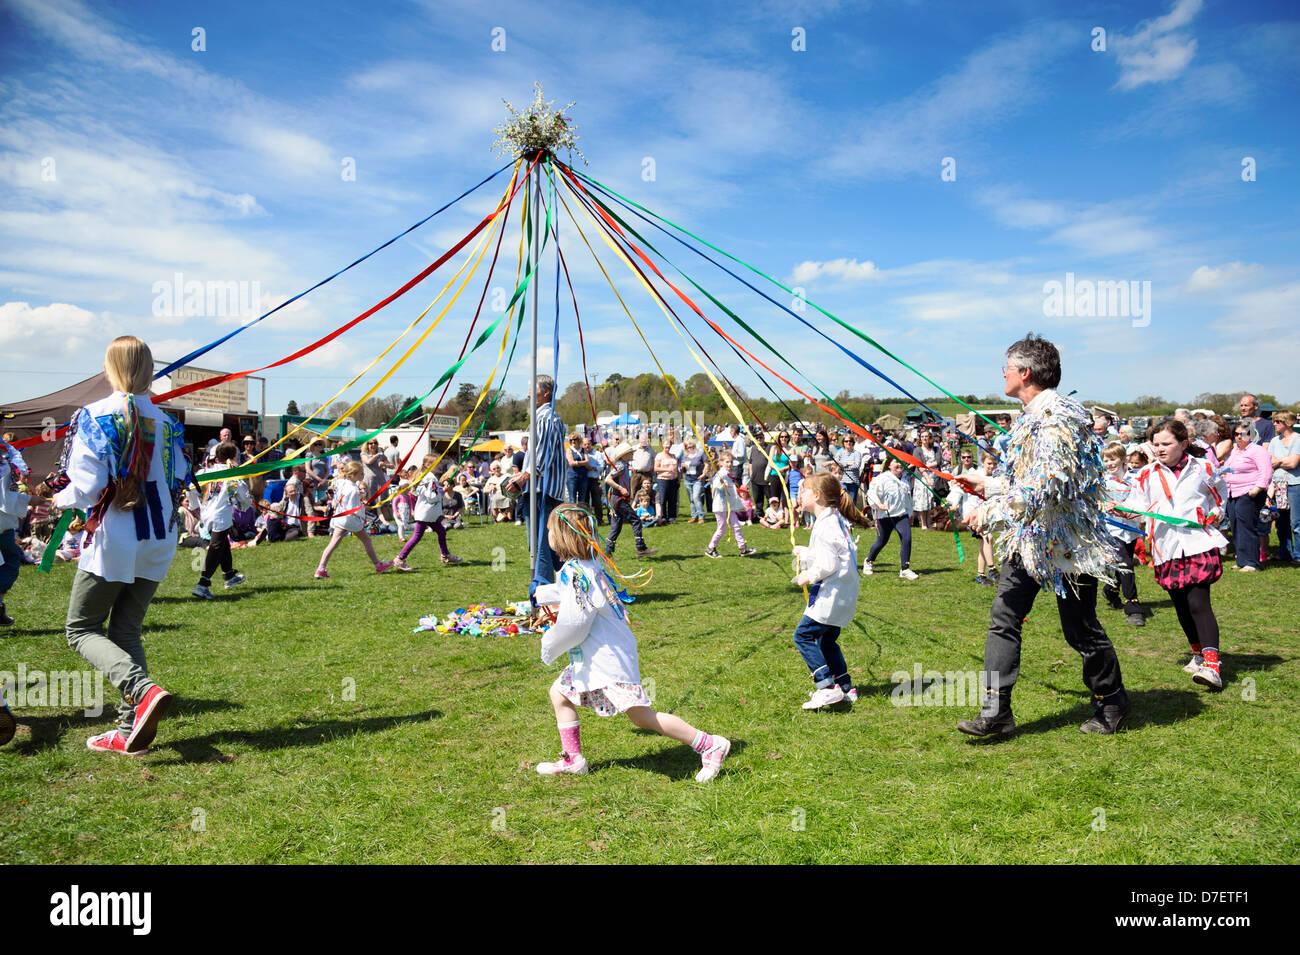 Tanz um den Maibaum, Dilwyn Schulkinder zeigen, Herefordshire, England. Schulmädchen tanzen mit Bändern Stockbild